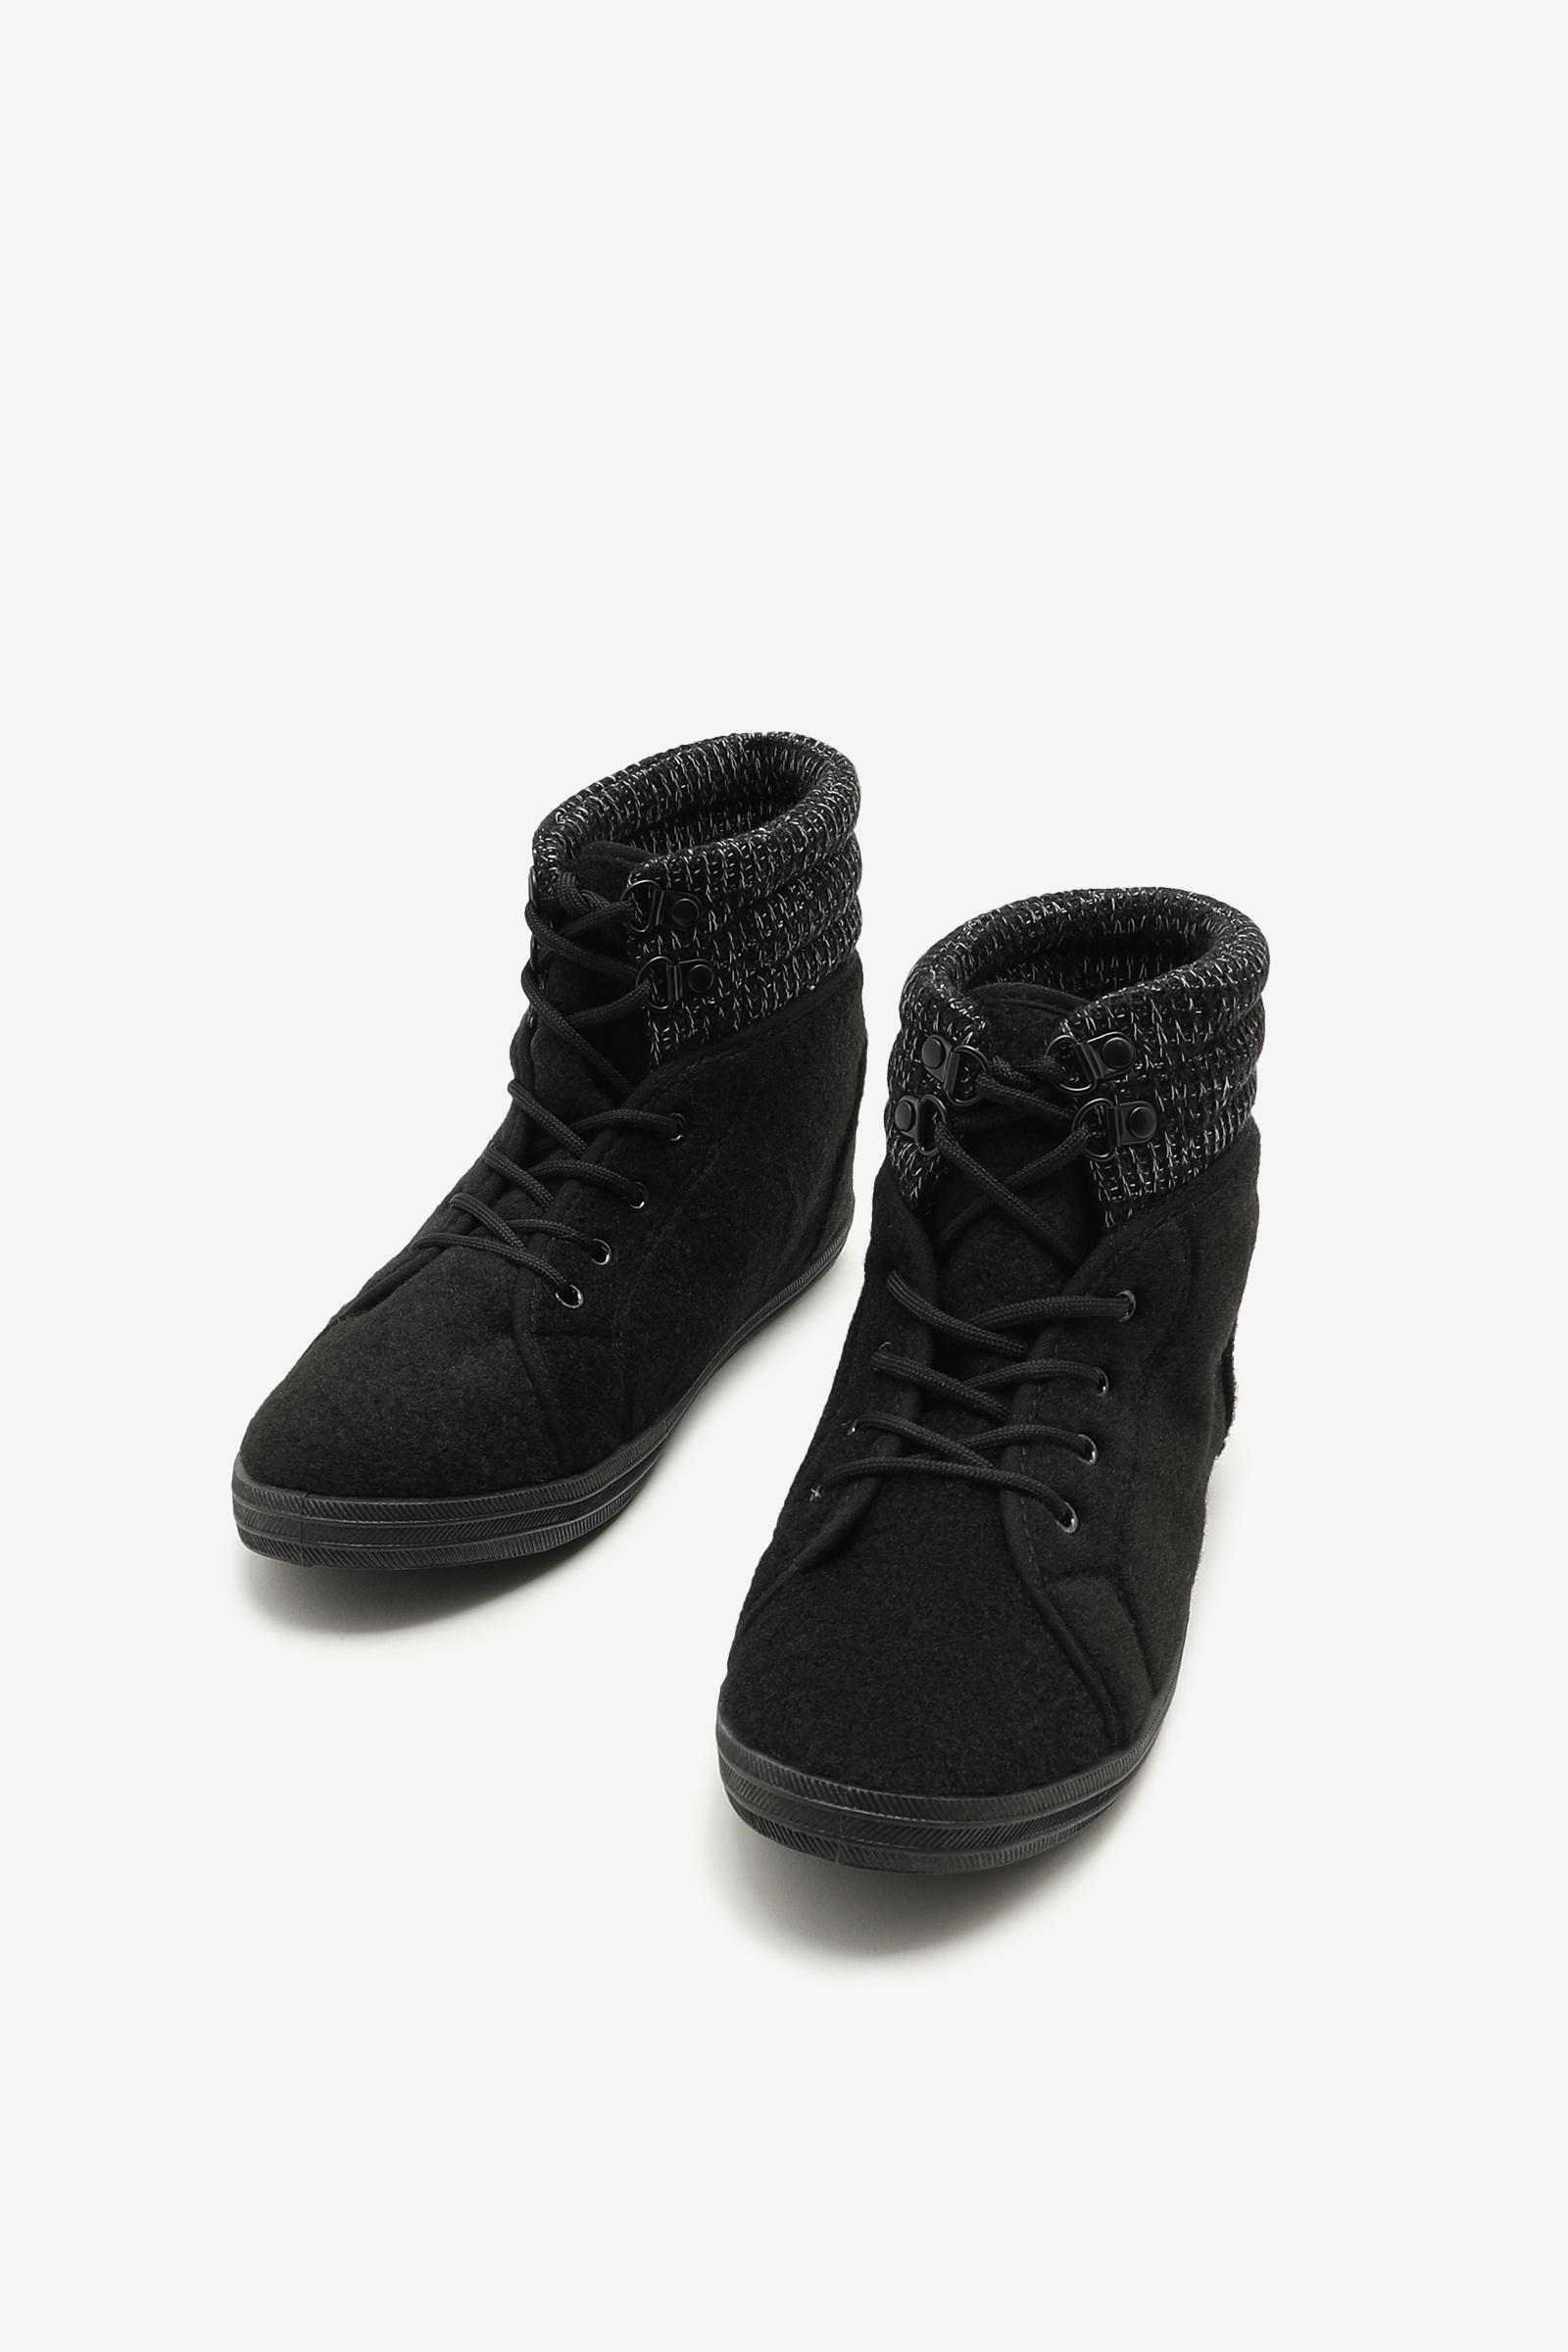 Knit Cuff Boots